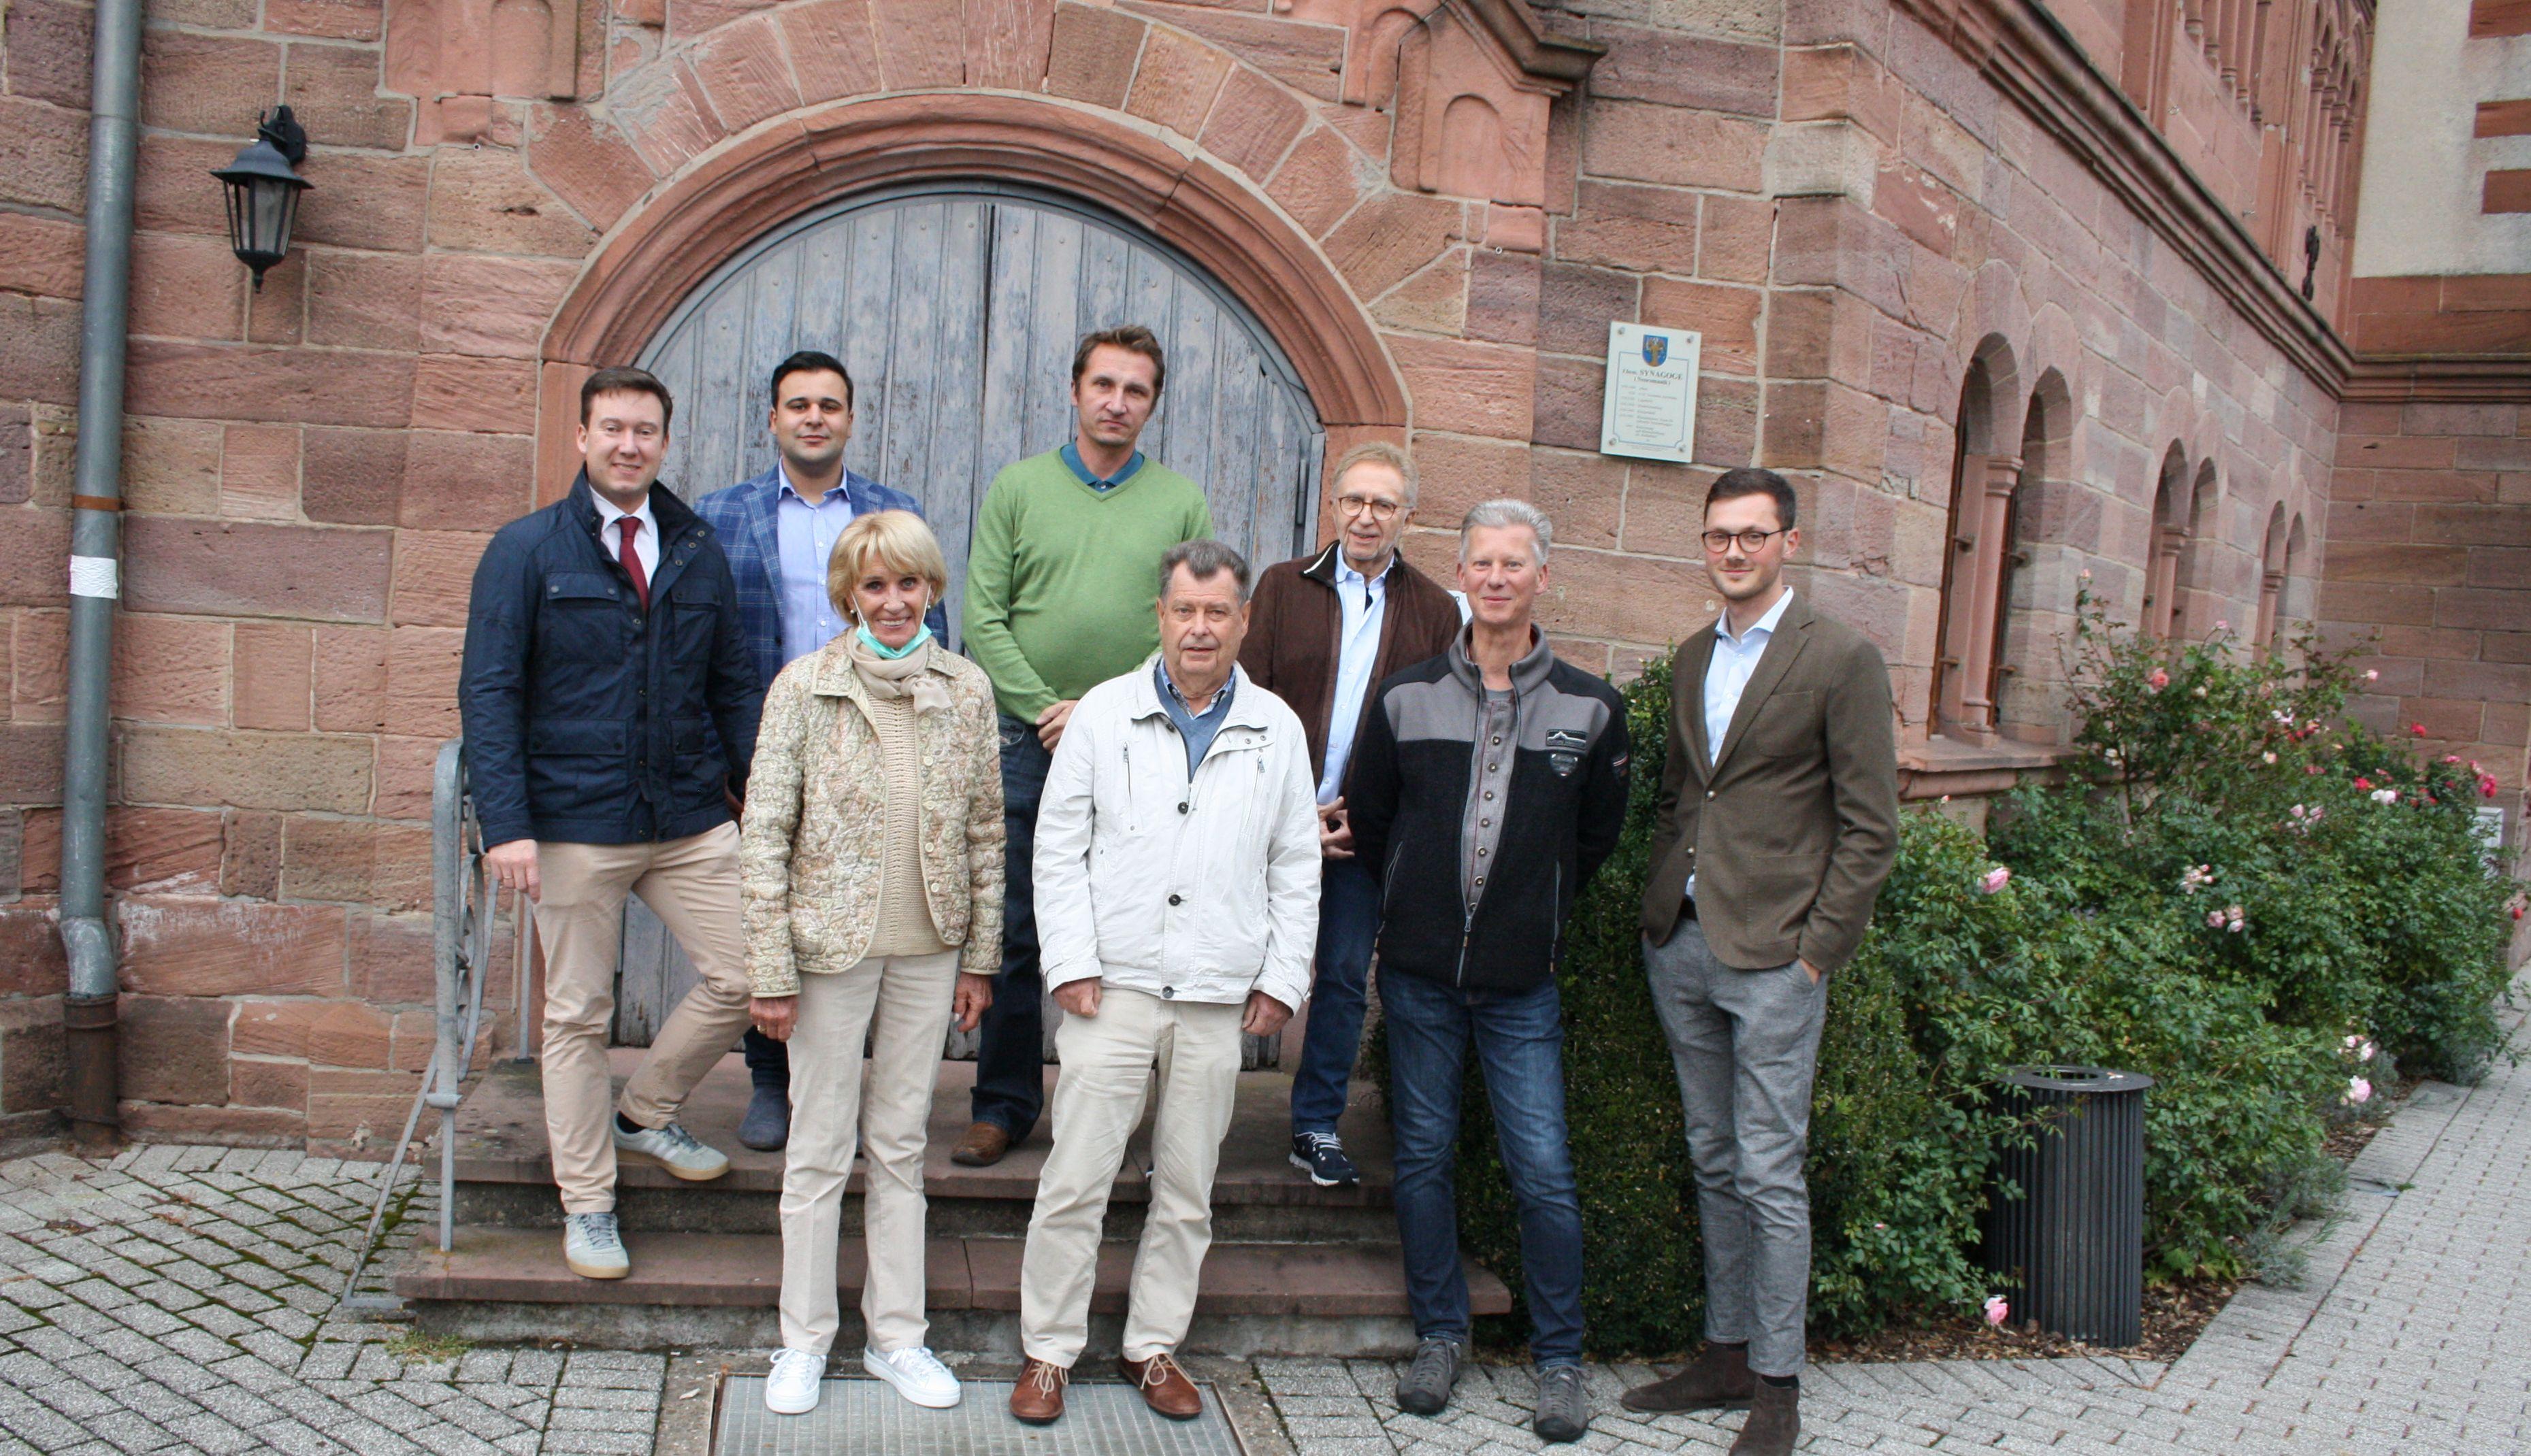 Bildunterschrift: von links nach rechts: Bürgermeister Matthias Möller, Michael Bach (jüdische Gemeinde Frankfurt), Ingrid Müller-Marschhausen, Alexander H. Klüh (FDP Ortsverbandsvorsitzender), Rainer Grammann (FDP Ortsvorsteher Schlüchtern-Innenstadt), Dr. Peter Büttner, Jo Härter, Marc Jacob (FDP Bad Soden-Salmünster).